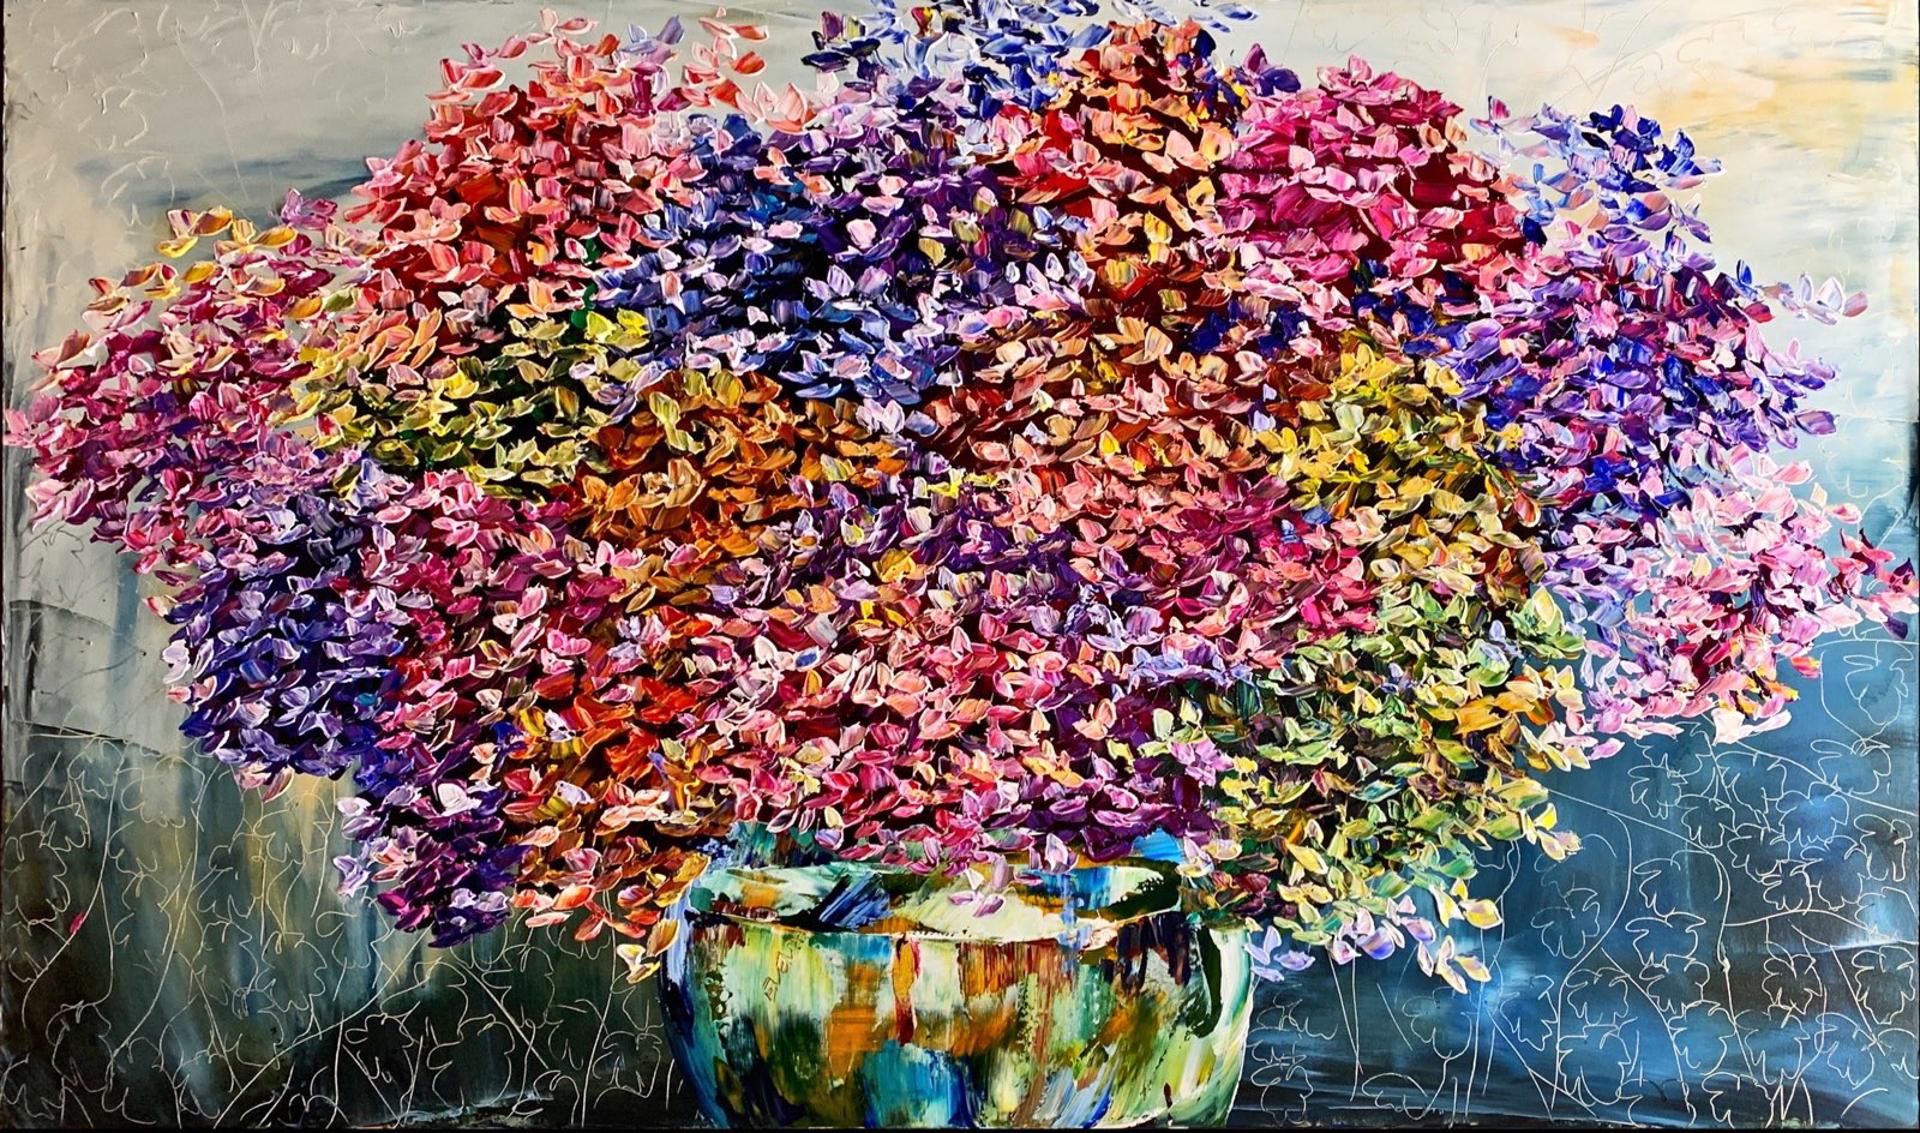 Springtime by Maya Eventov